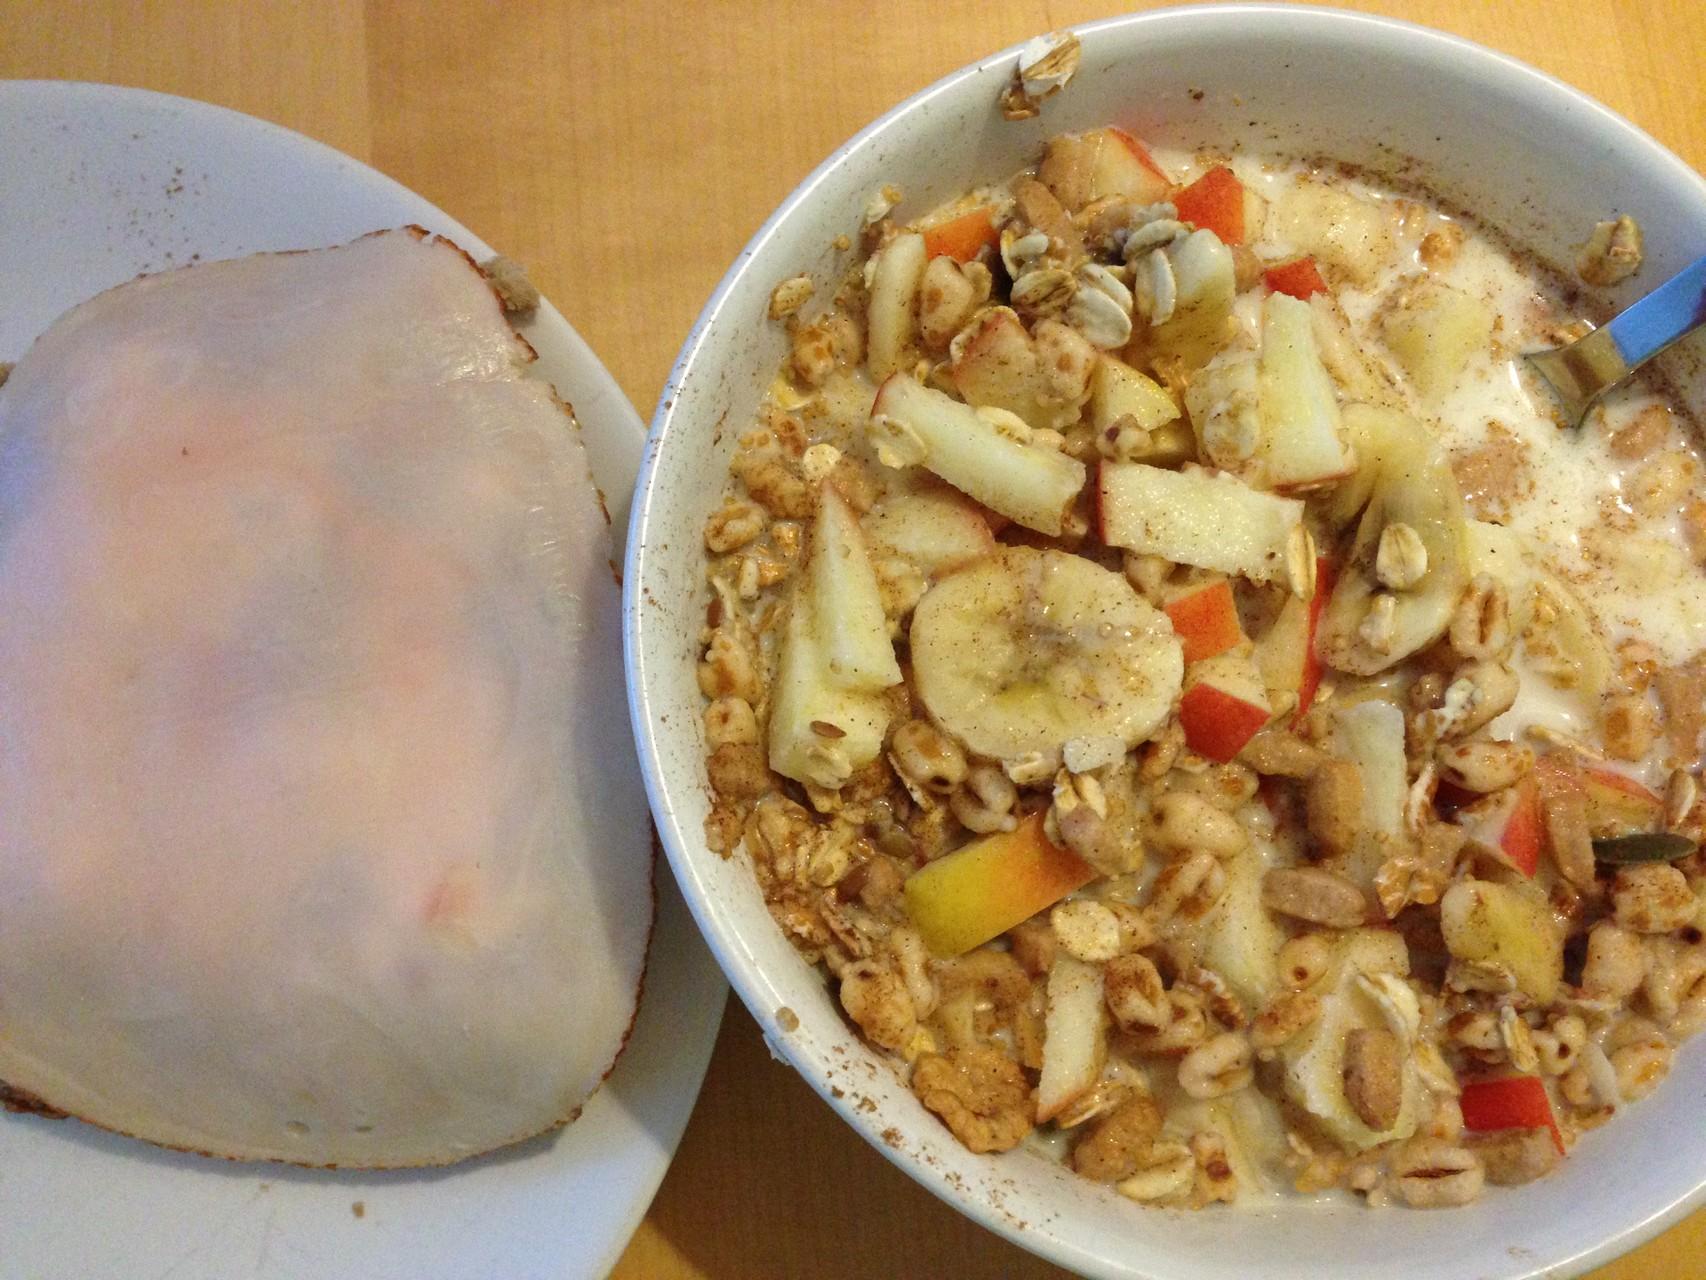 Frühstück: 1 Vollkornbrötchen mit Hüttenkäse und Hähnchenbrust, dazu 1 kleines Müsli, bestehend aus 1 Apfel, 1 Banane, etwas Basis Müsli Cereal Mix, etwas fettarmer Milch, Zimt und Agaven-Dicksaft